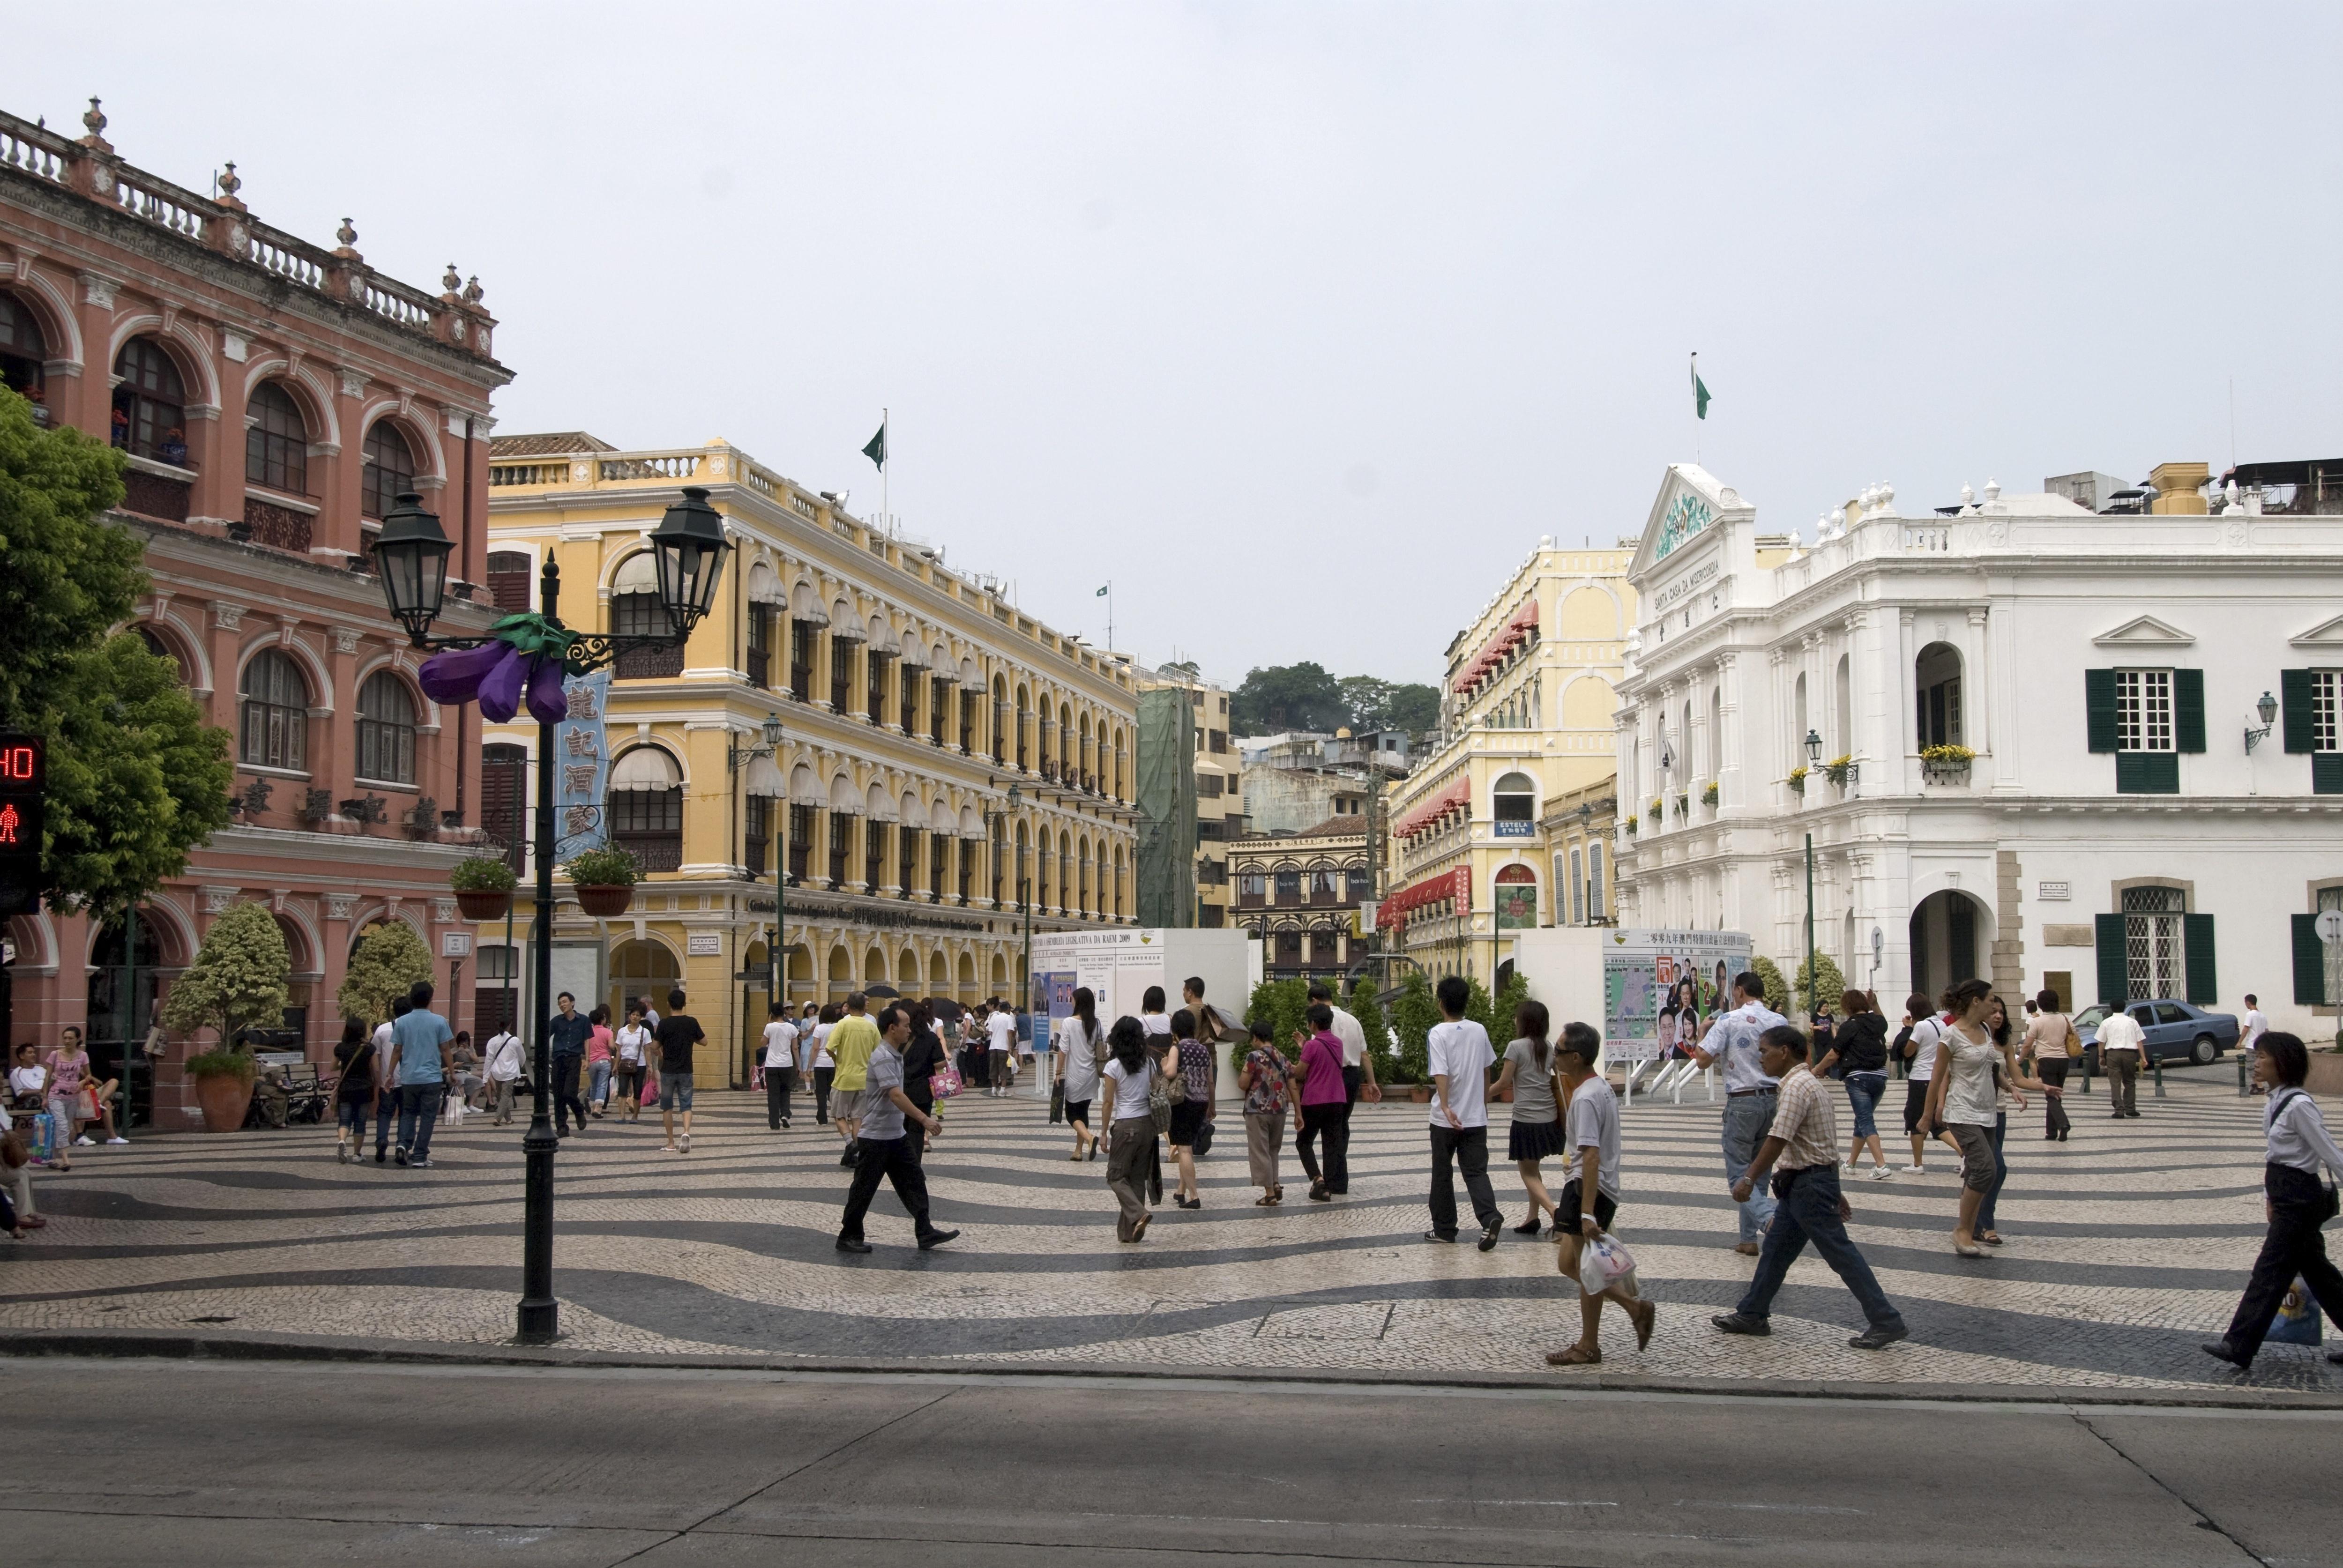 The Largo de Senado, or Senate Square, a pedestrianised